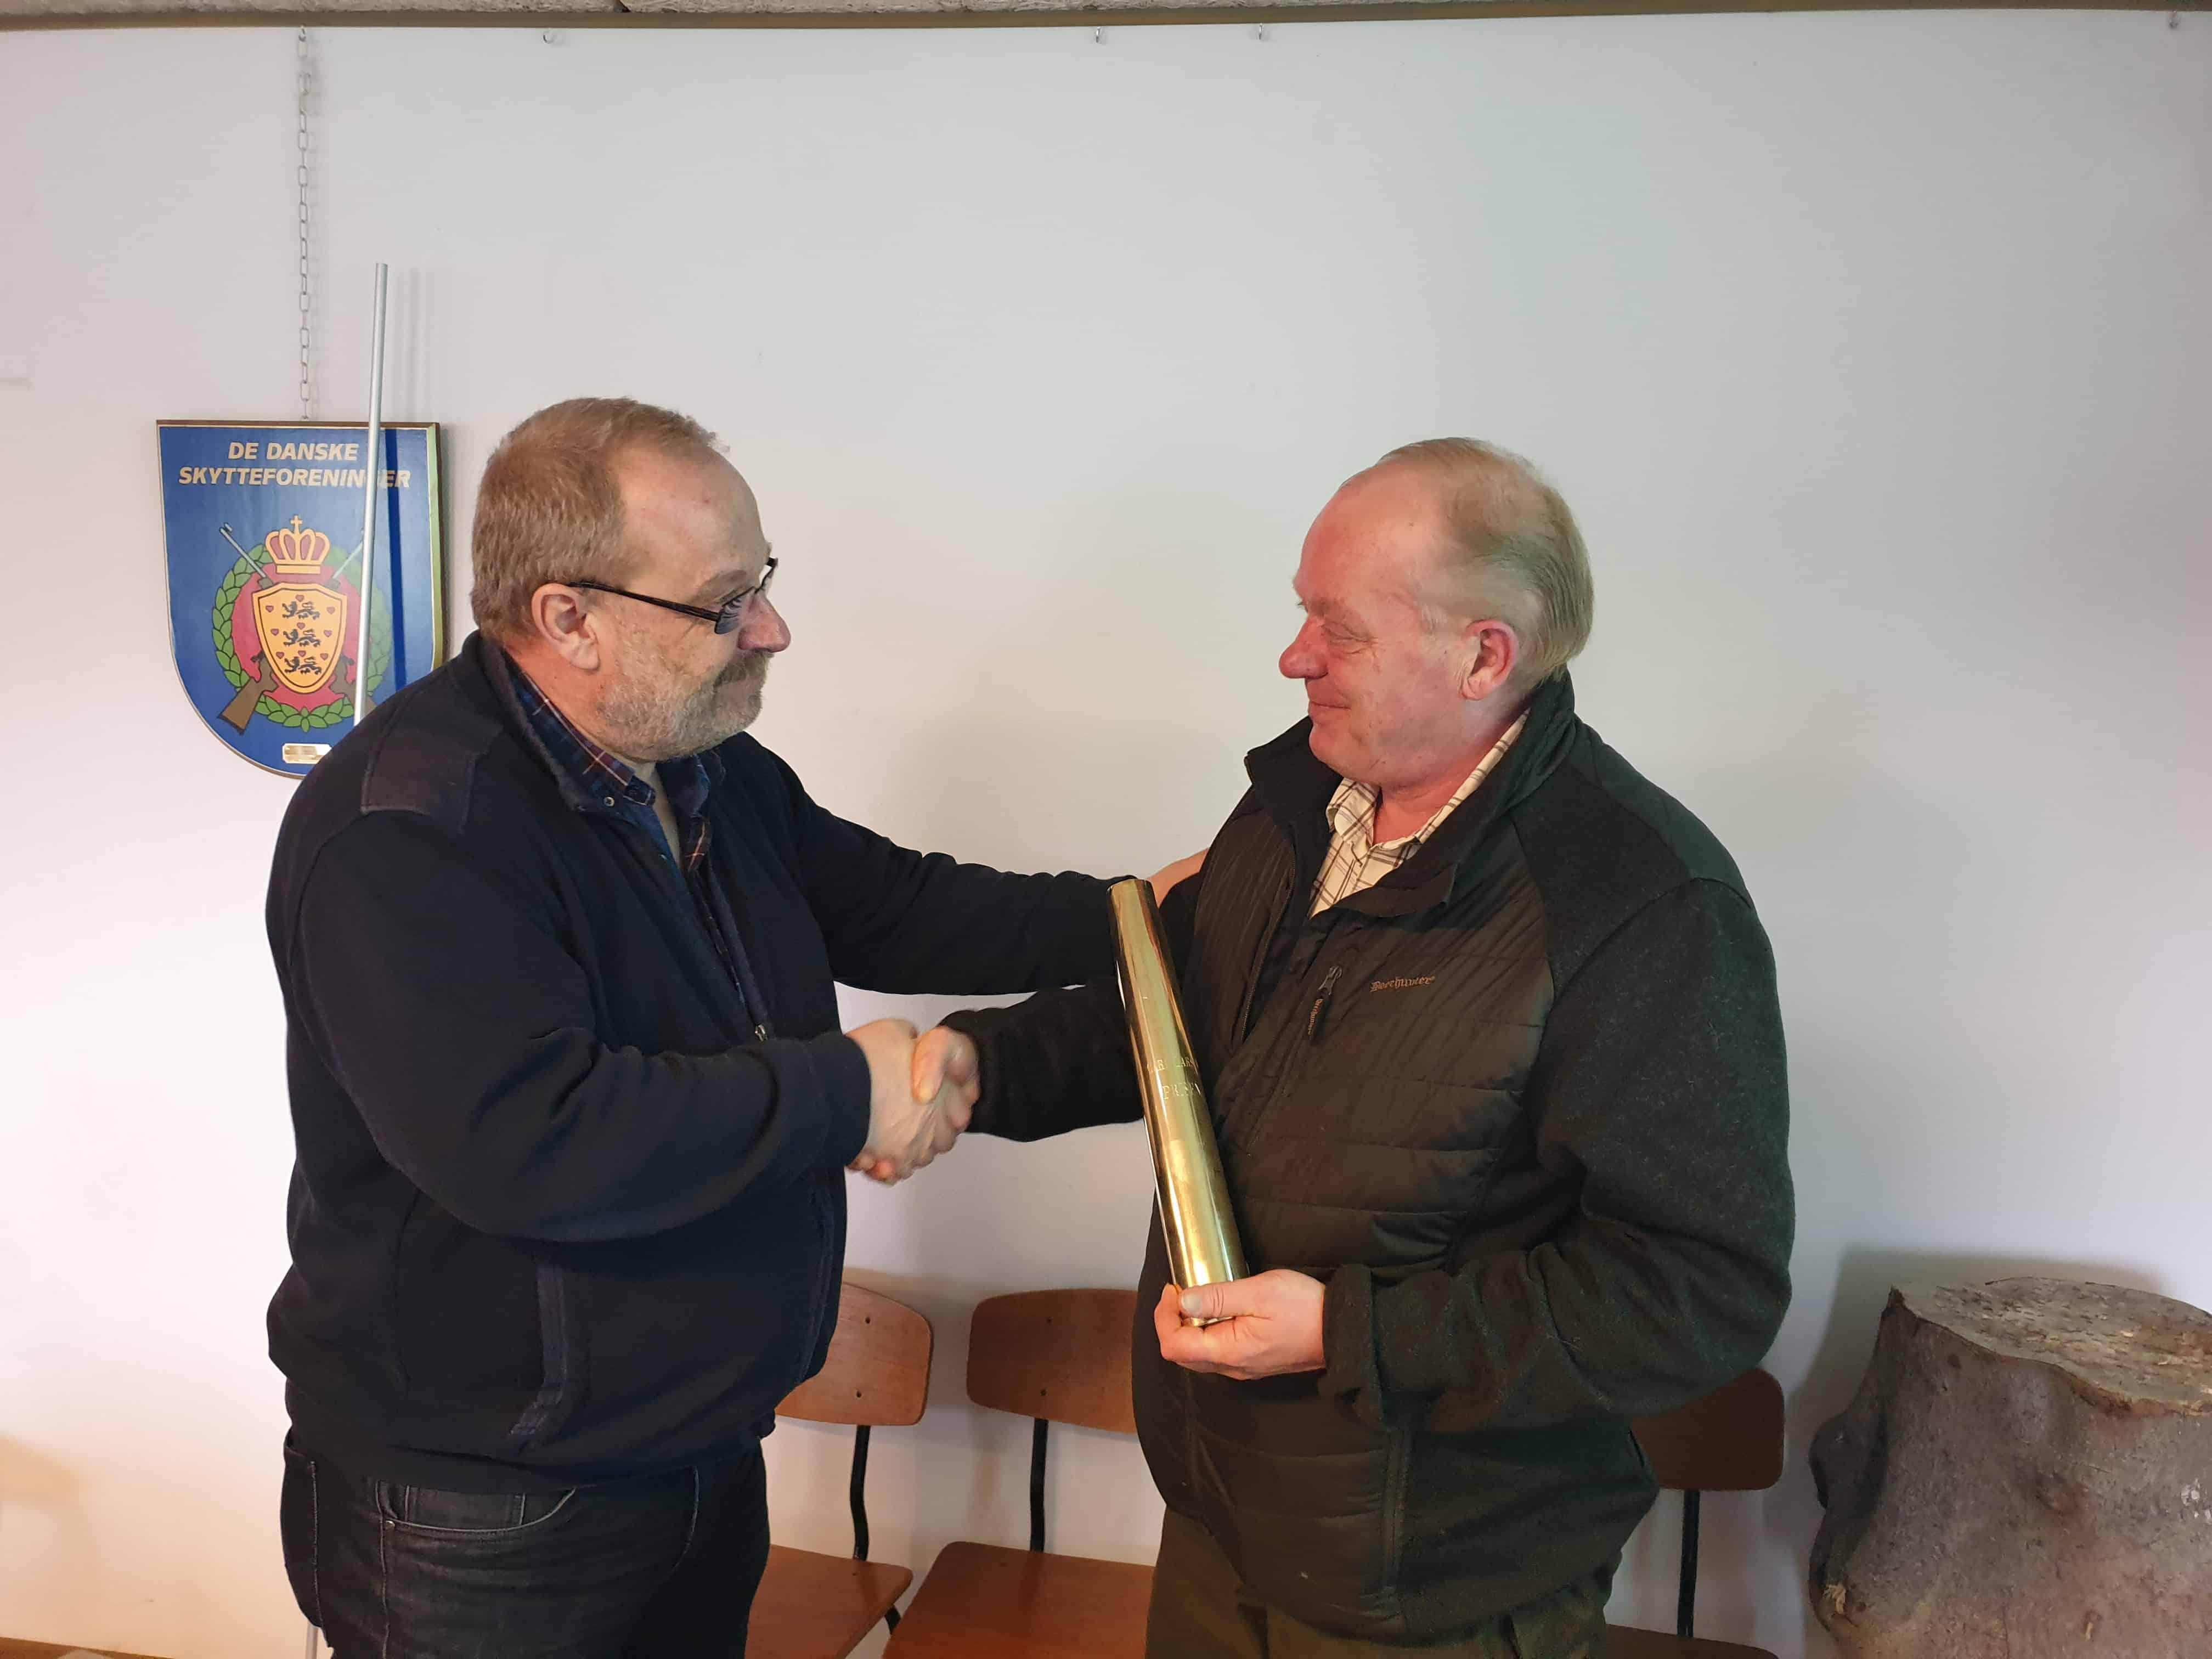 Knud Vest modtog prisen 2017